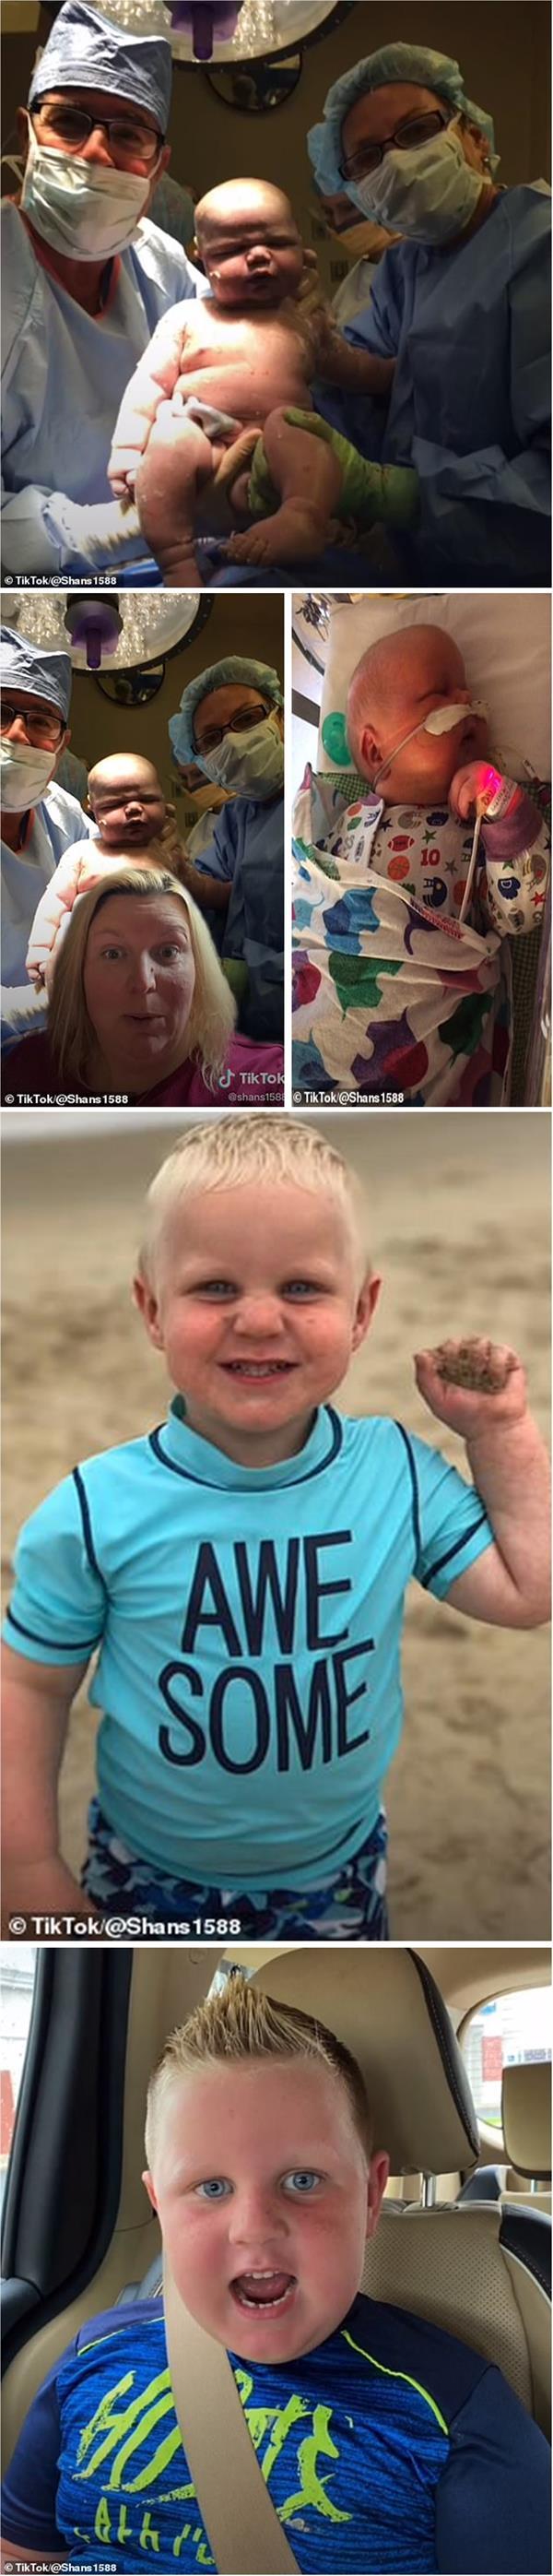 بريطانية تلد طفلاً وزنه 7 كيلوغرامات ... وشاهد 29 مليون شخص فيديو لمراحل حياته